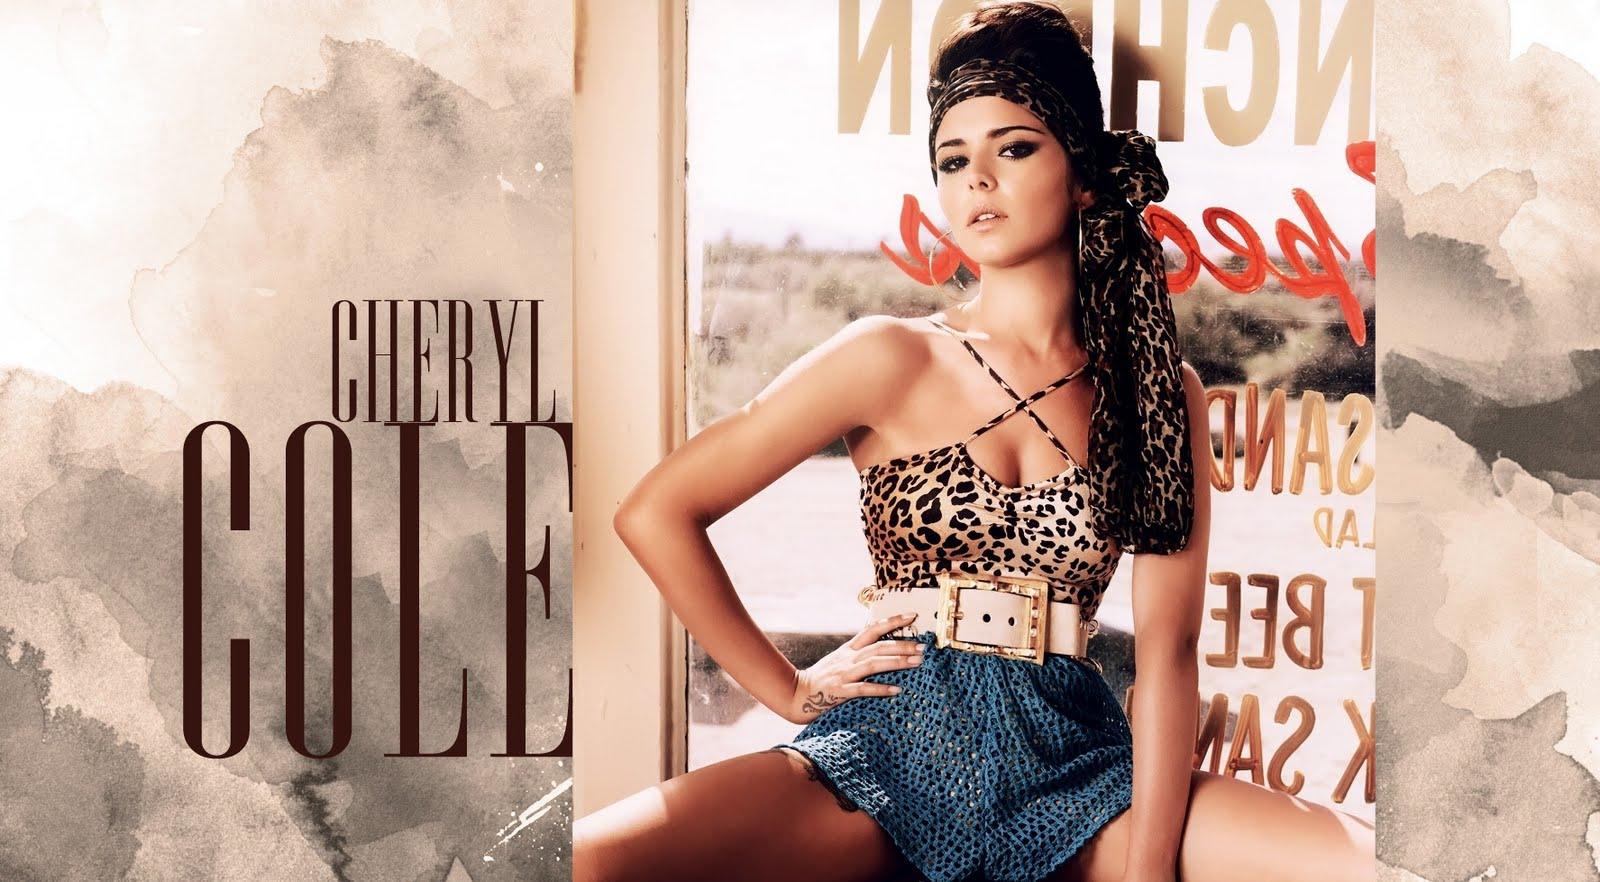 http://1.bp.blogspot.com/-6gQ8usMg4EU/Tmc_taXKu2I/AAAAAAAACEA/PlCM3E8uRkA/s1600/Hot+Cheryl+Cole+Pictures+%252813%2529.jpg